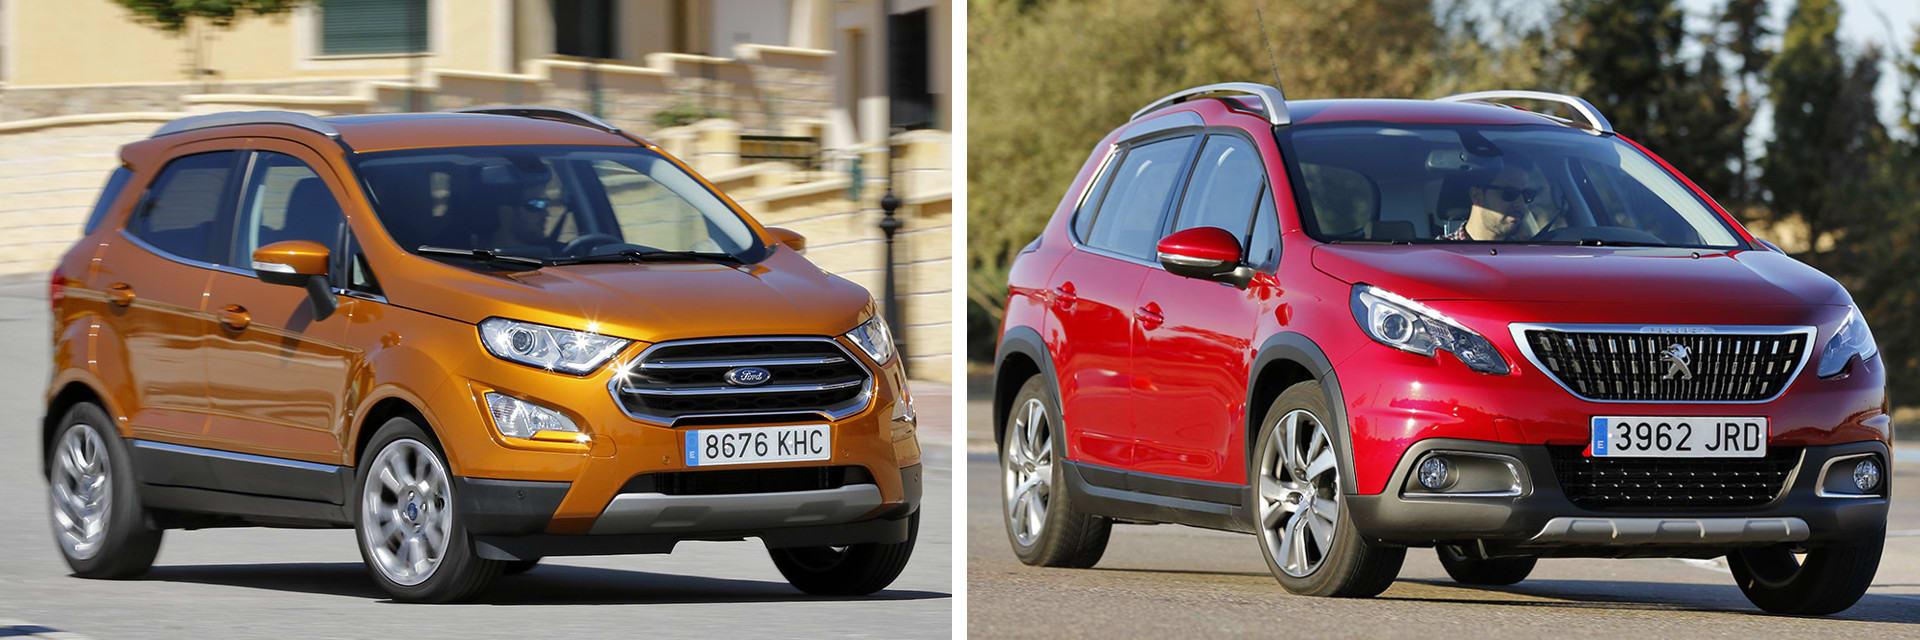 El Peugeot 2008 (dcha.) tiene un consumo más contenido que el Ford EcoSport (izq.)